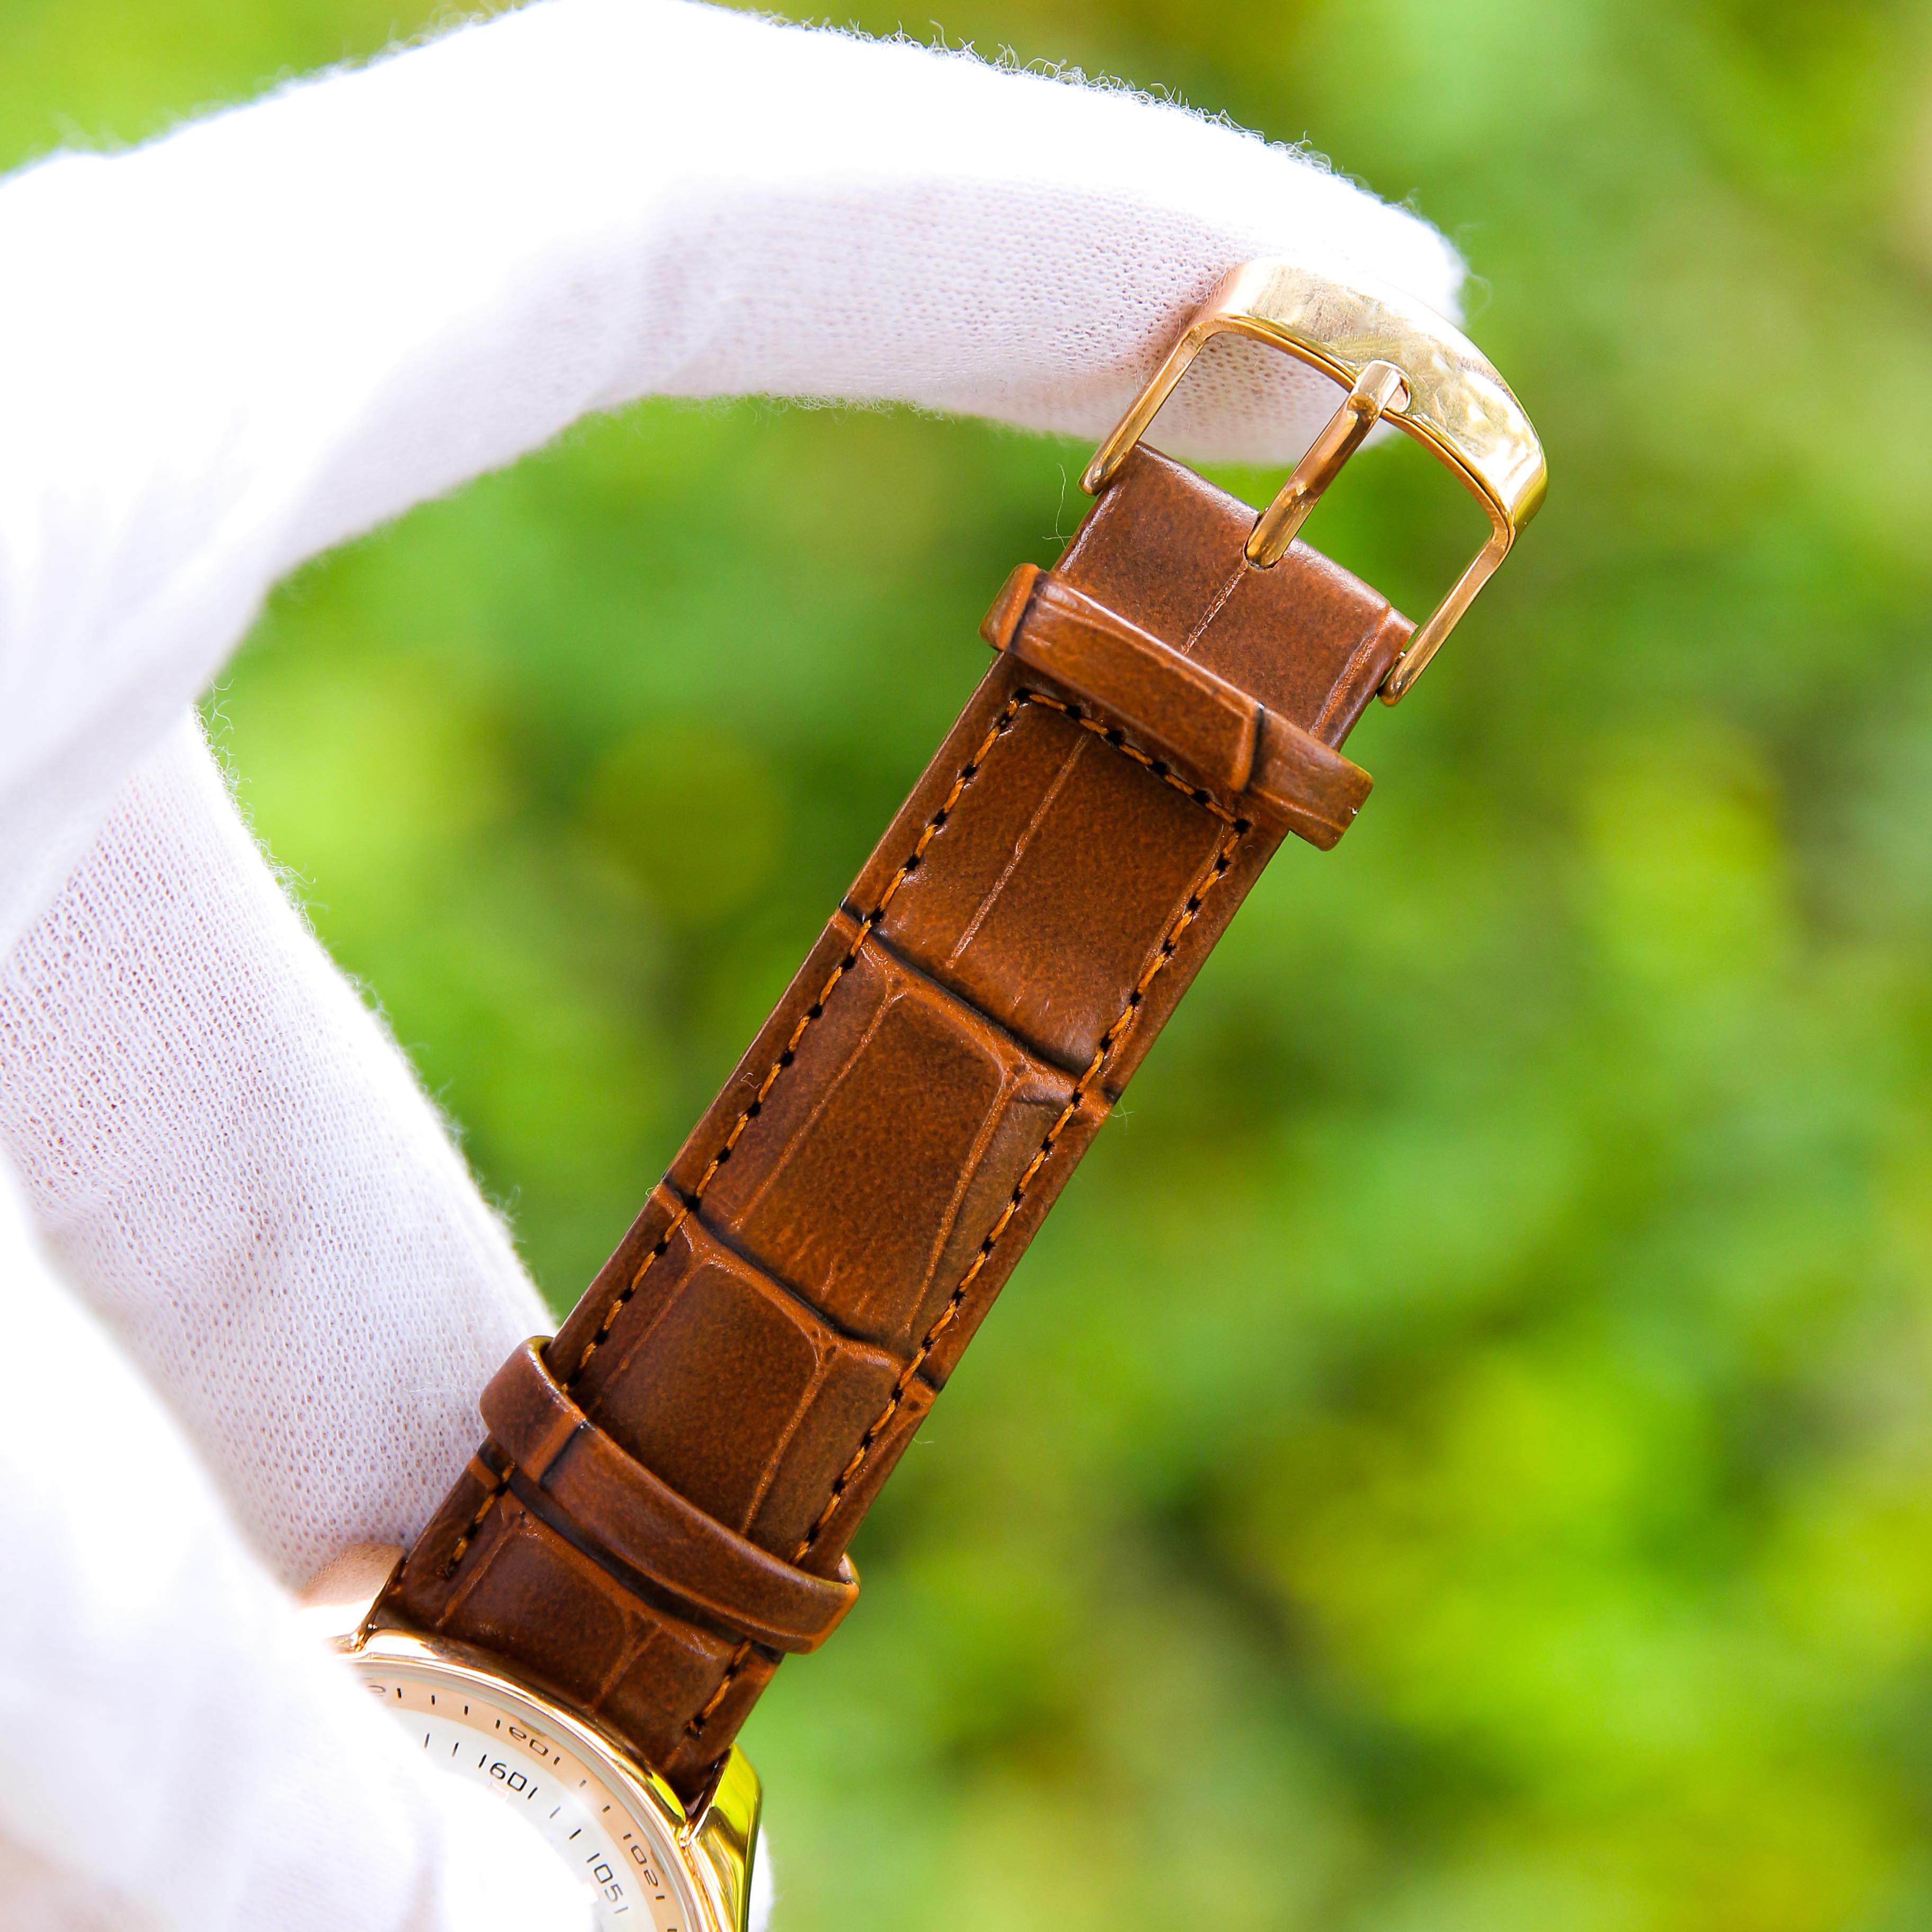 Đồng hồ nam phong cách Ý dây da mặt tròn OM003207 hiển thị lịch ngày – Thiết kế sang trọng – Lịch lãm – Phù hợp đi làm đi chơi